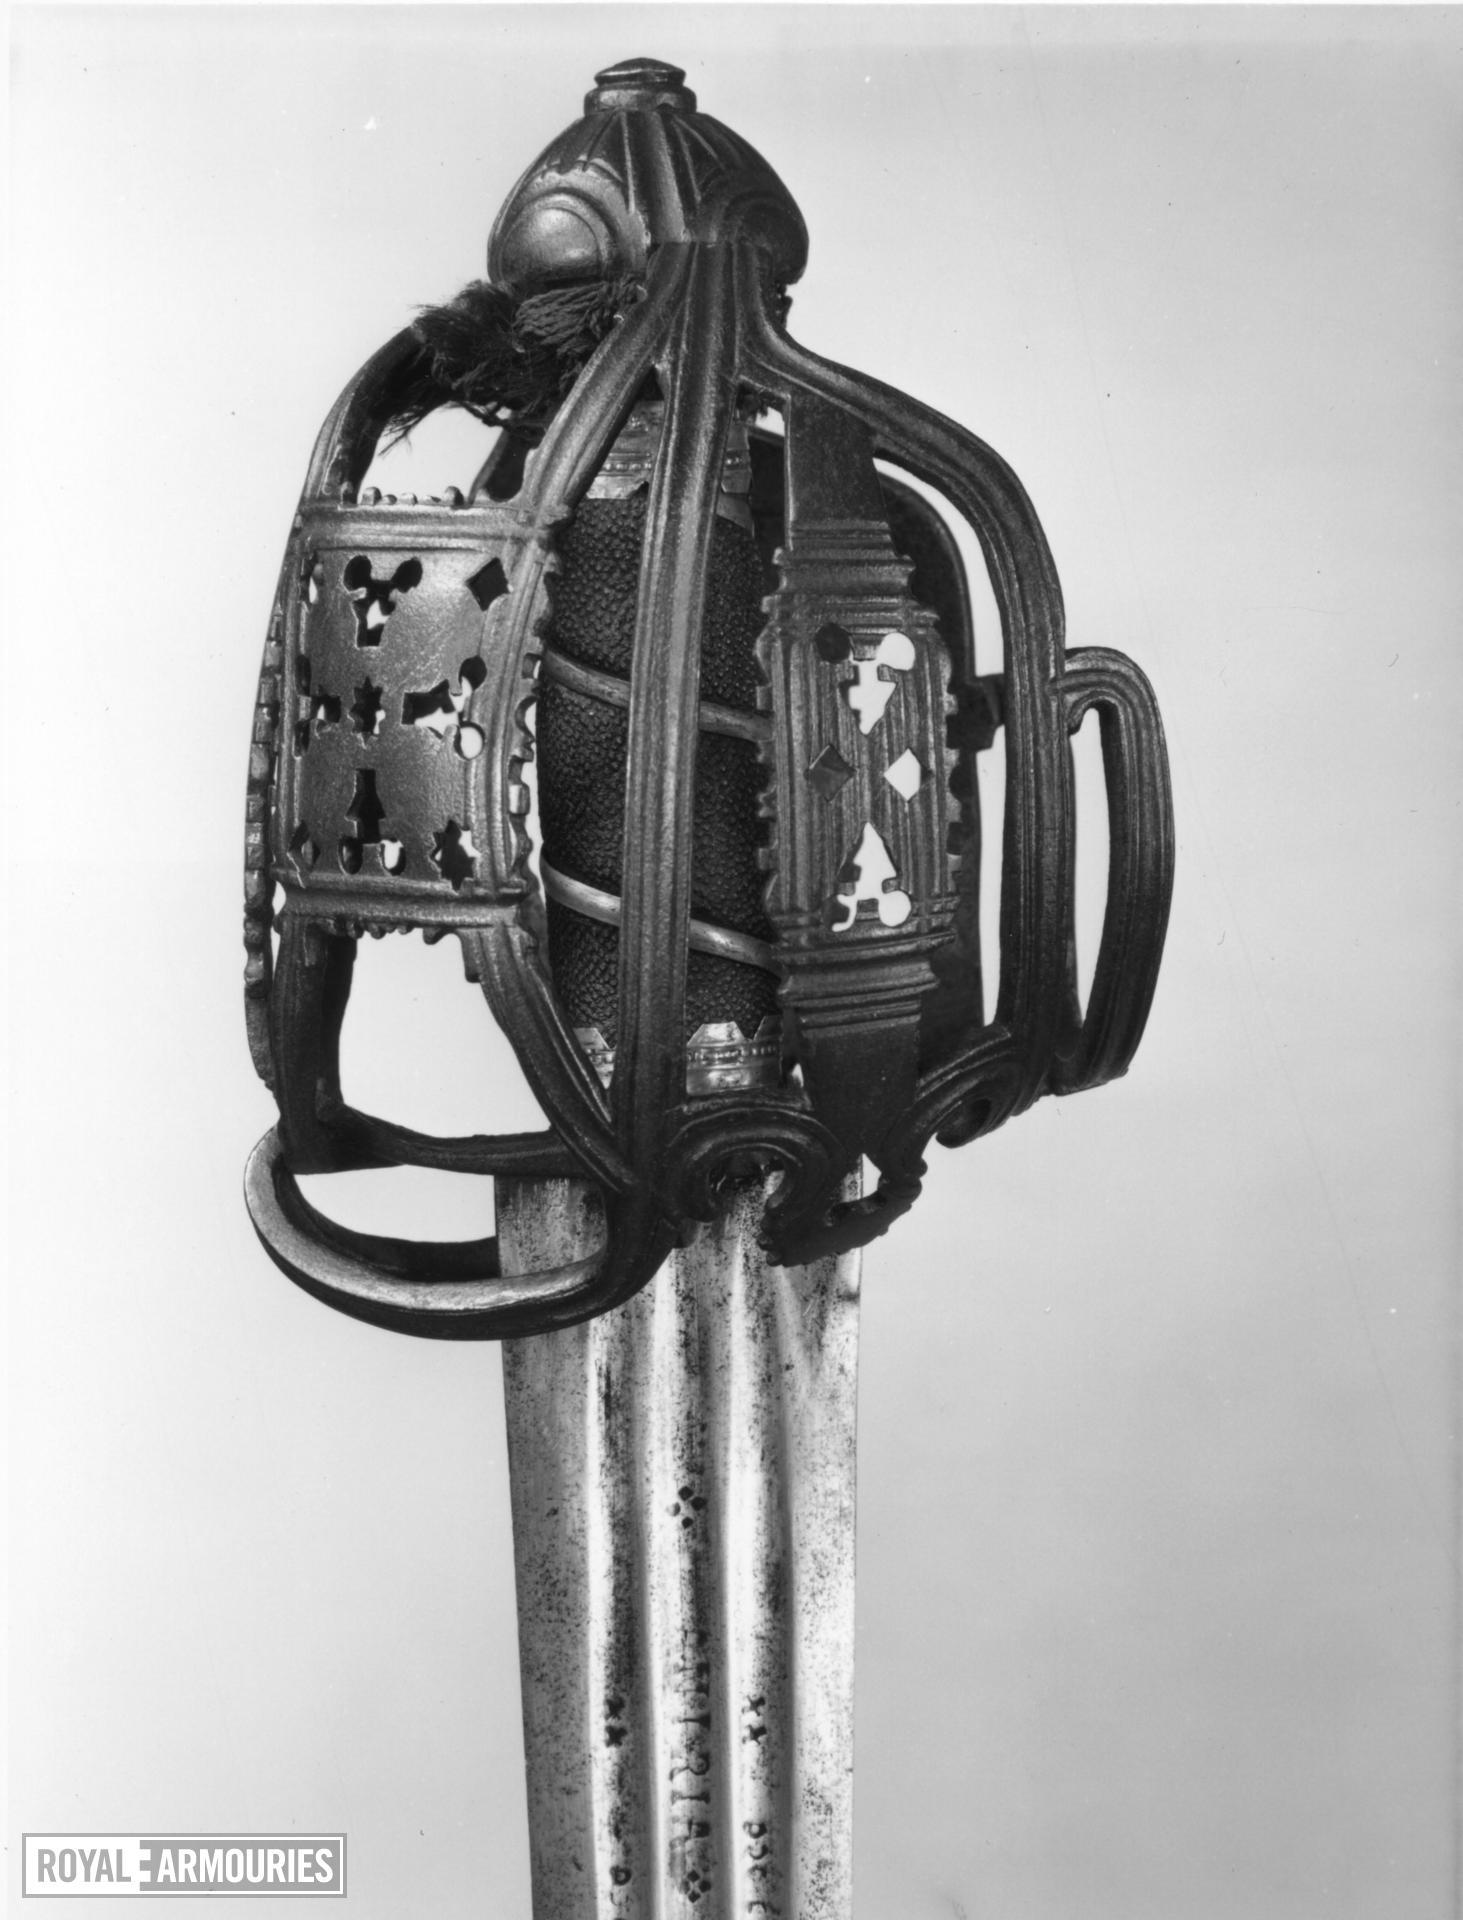 Basket hilted sword